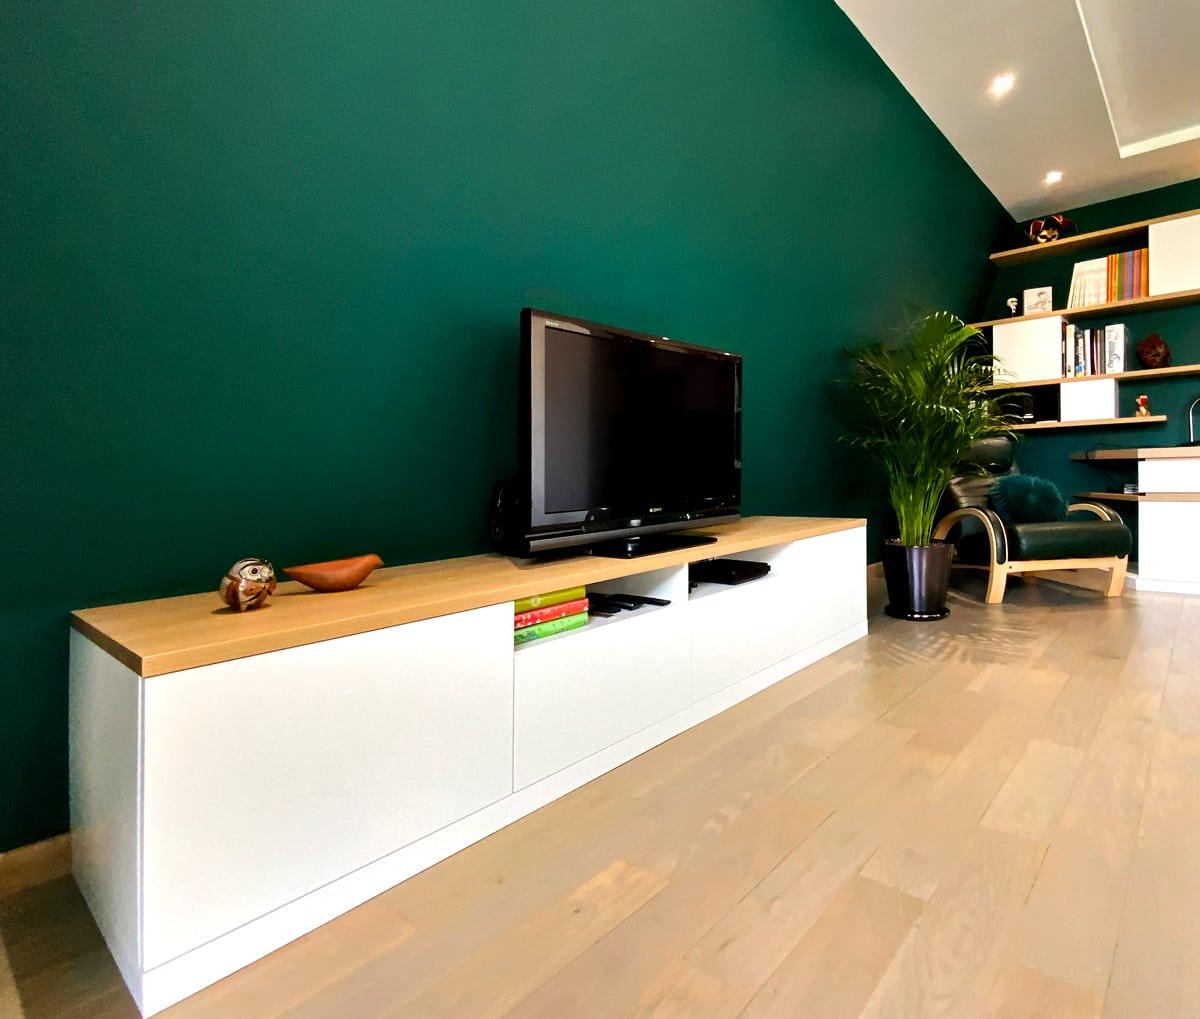 Meuble TV blanc, simple, avec un dessus en bois